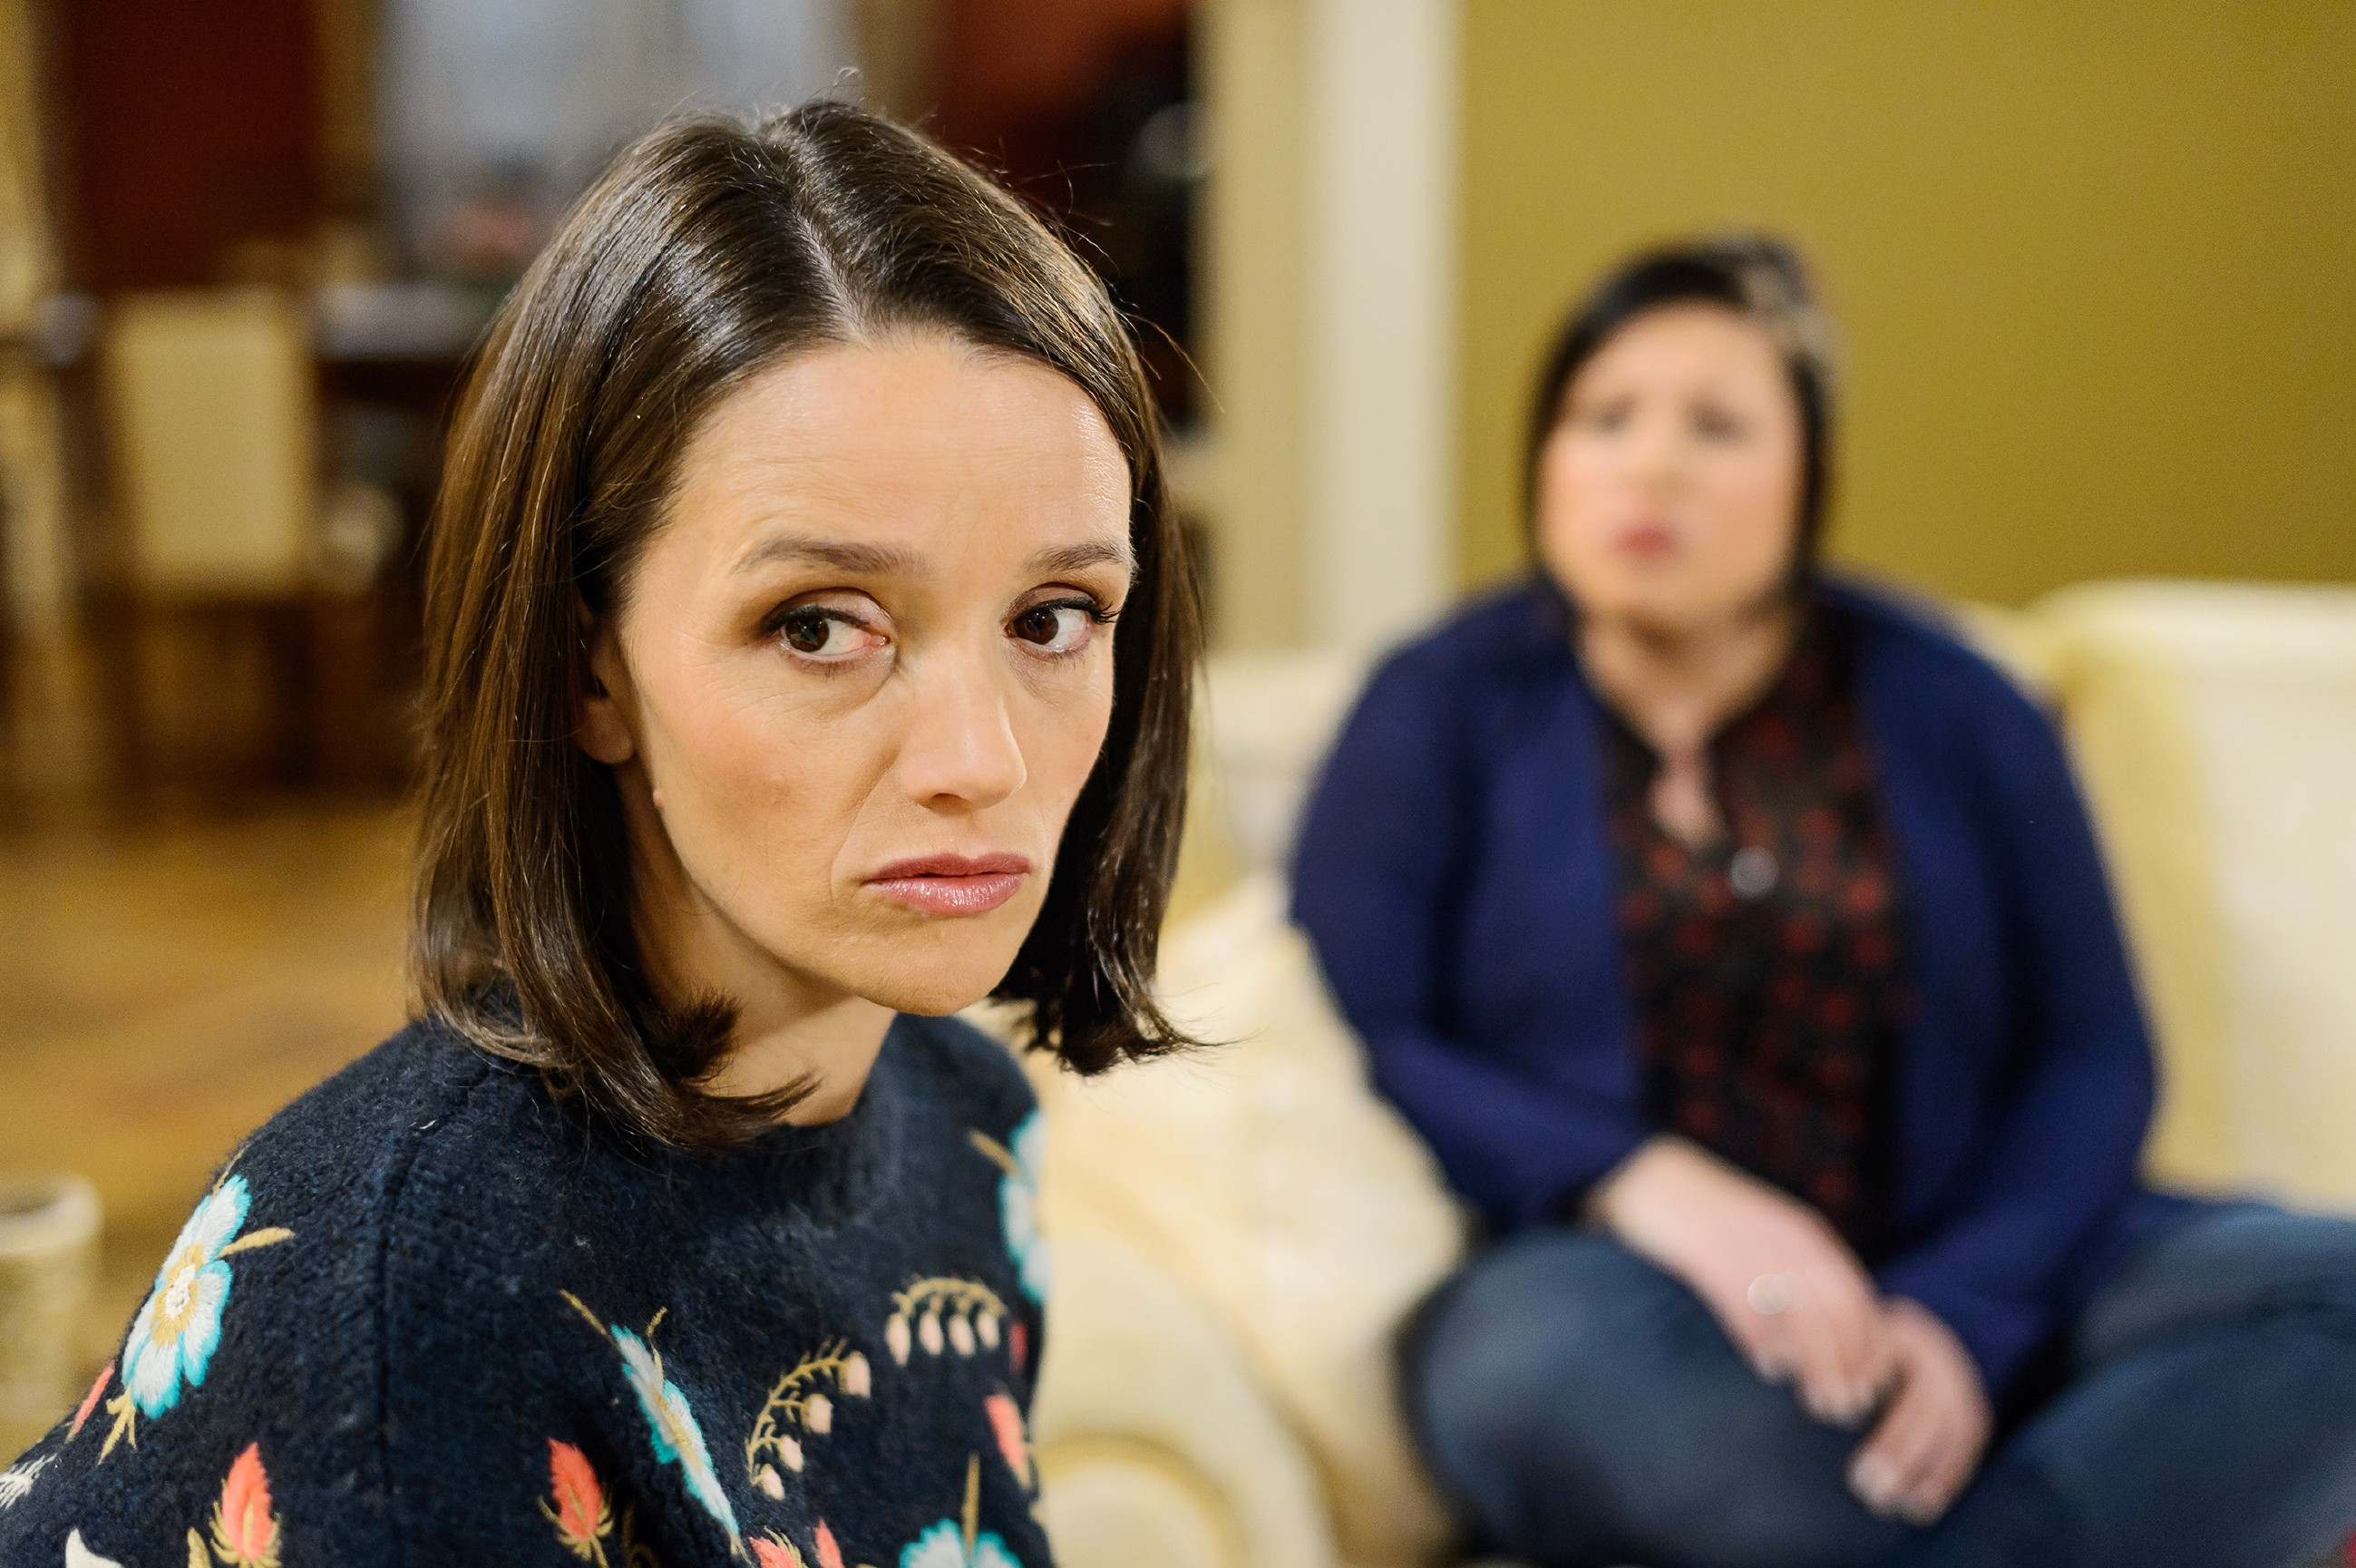 Schweren Herzens muss Vanessa (Julia Augustin, r.) der tief enttäuschten Jenny (Kaja Schmidt-Tychsen) klarmachen, dass sie sich für Iva als zweite Taufpatin für Henry entschieden haben. (Quelle: RTL / Willi Weber)